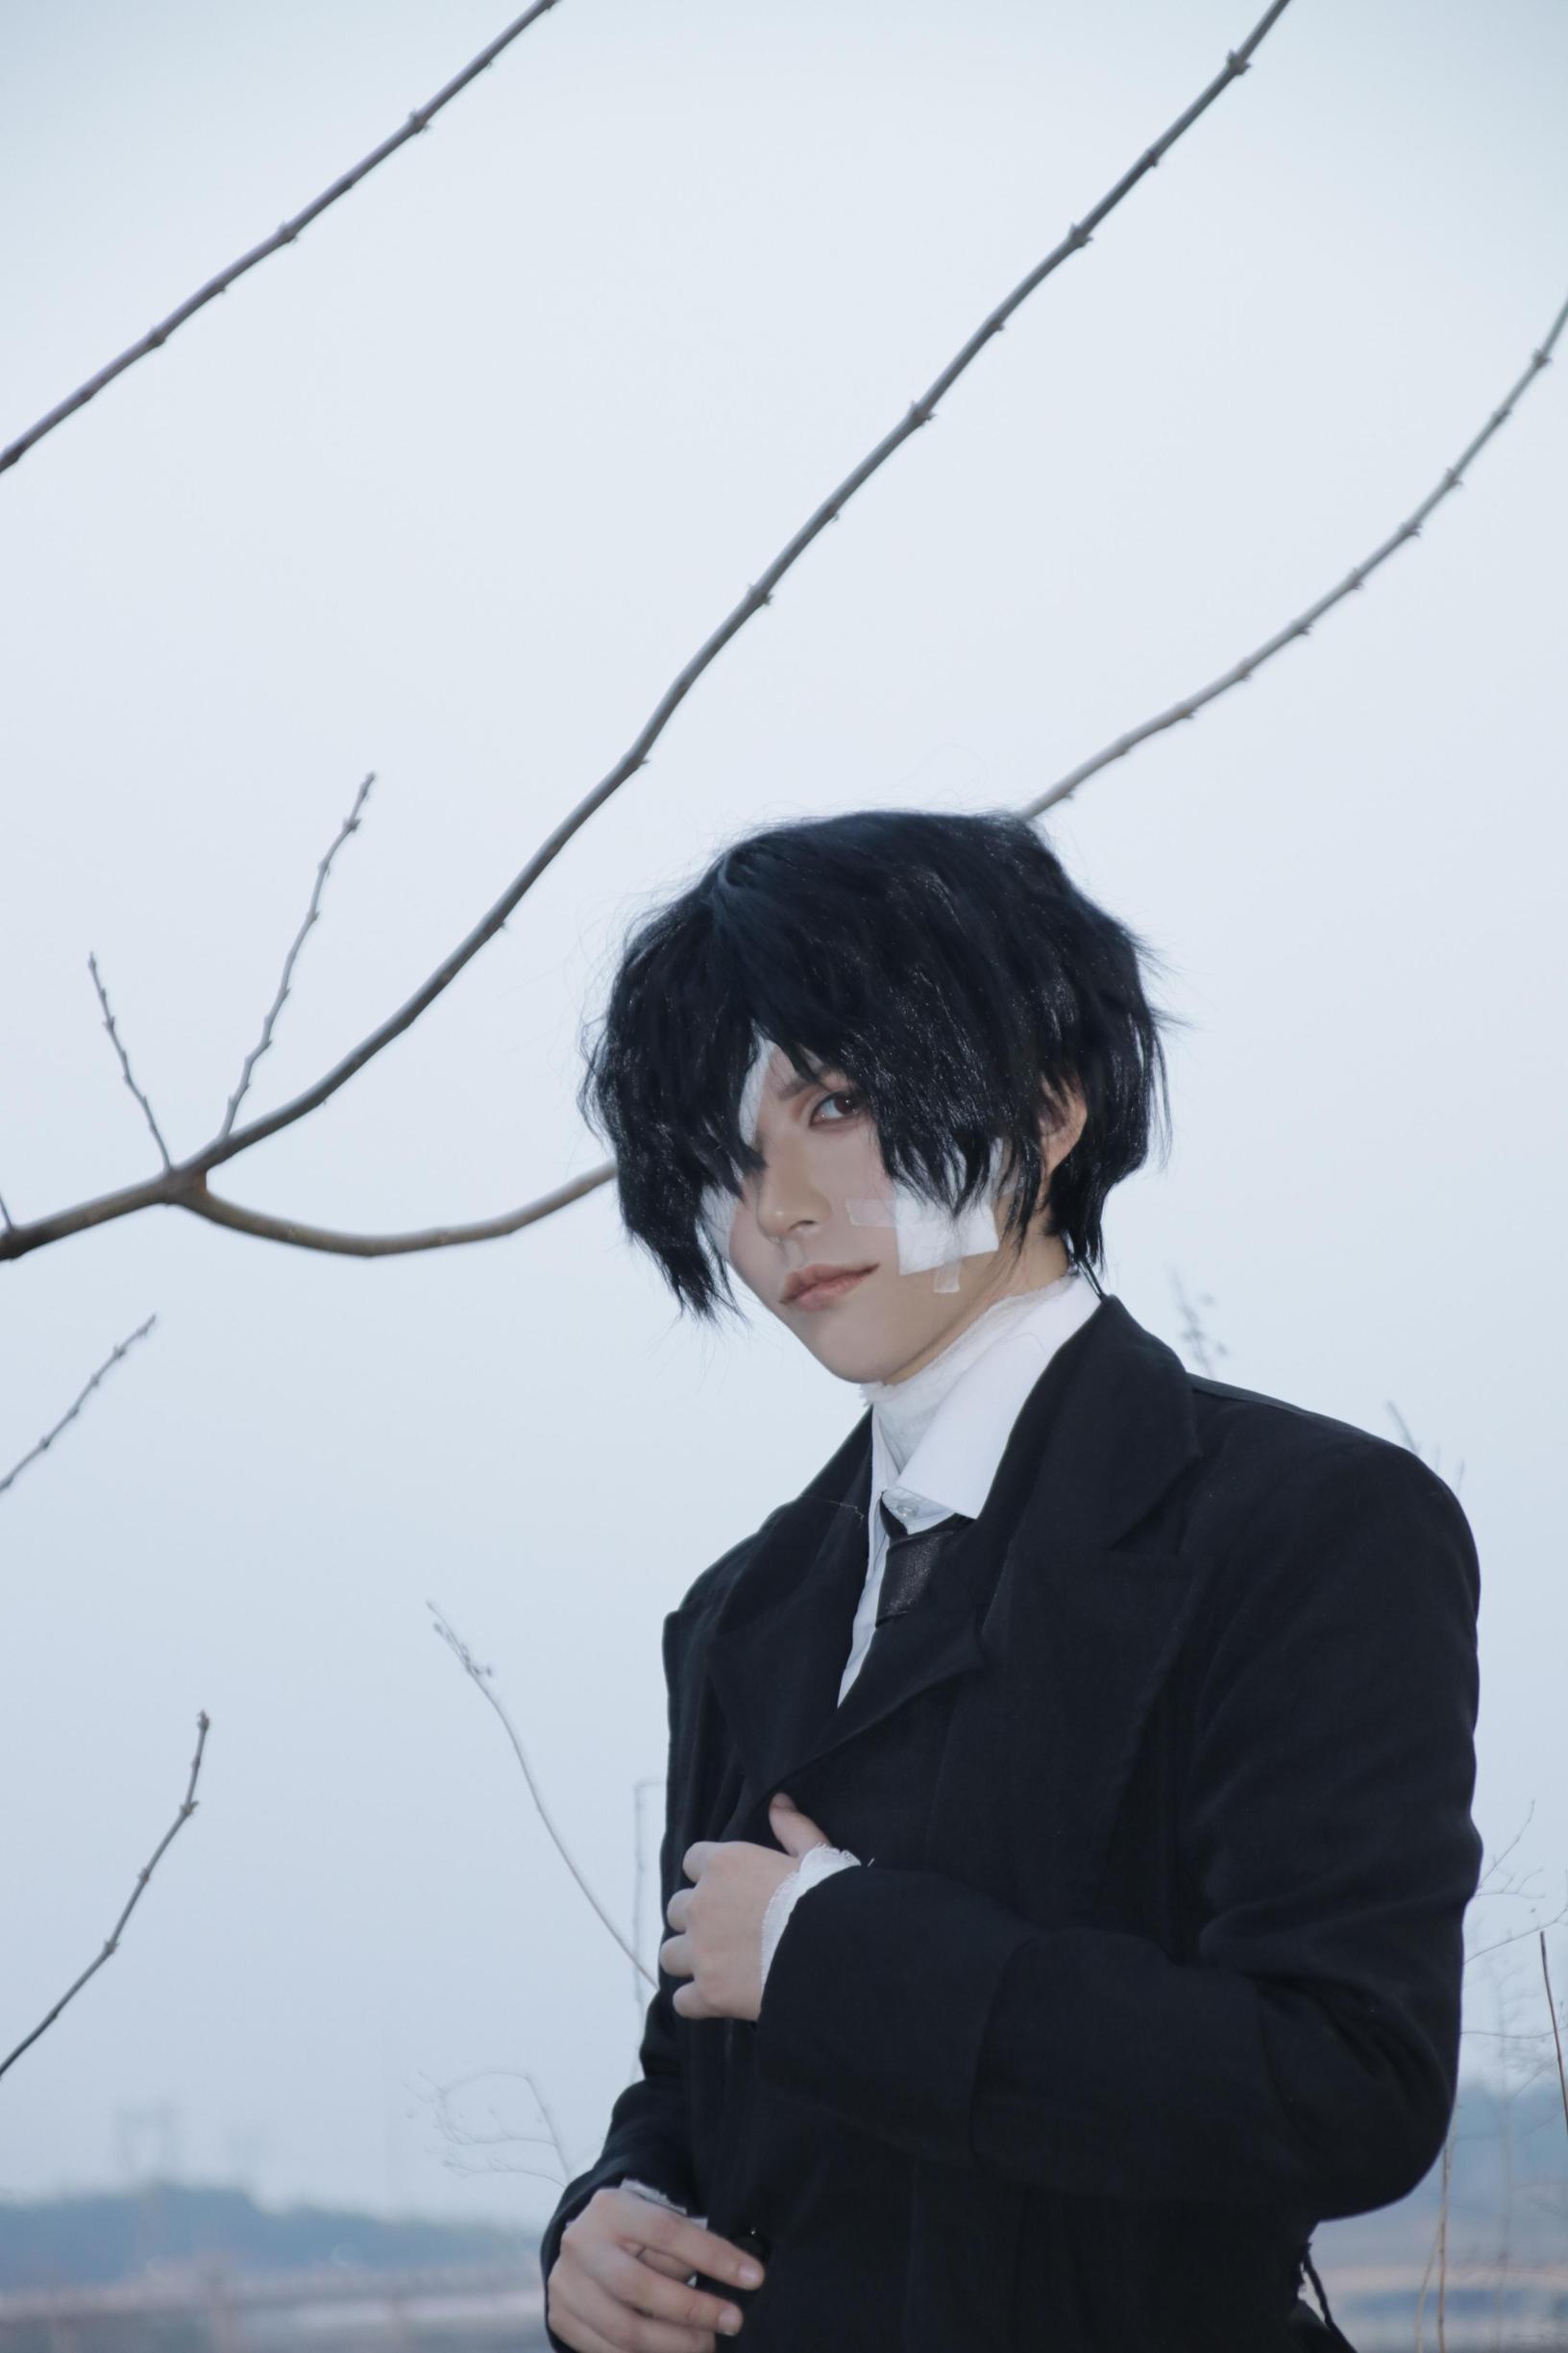 《文豪野犬》战士cosplay【CN:coser宋璟然】 -南小鸟cosplay图片欣赏插图